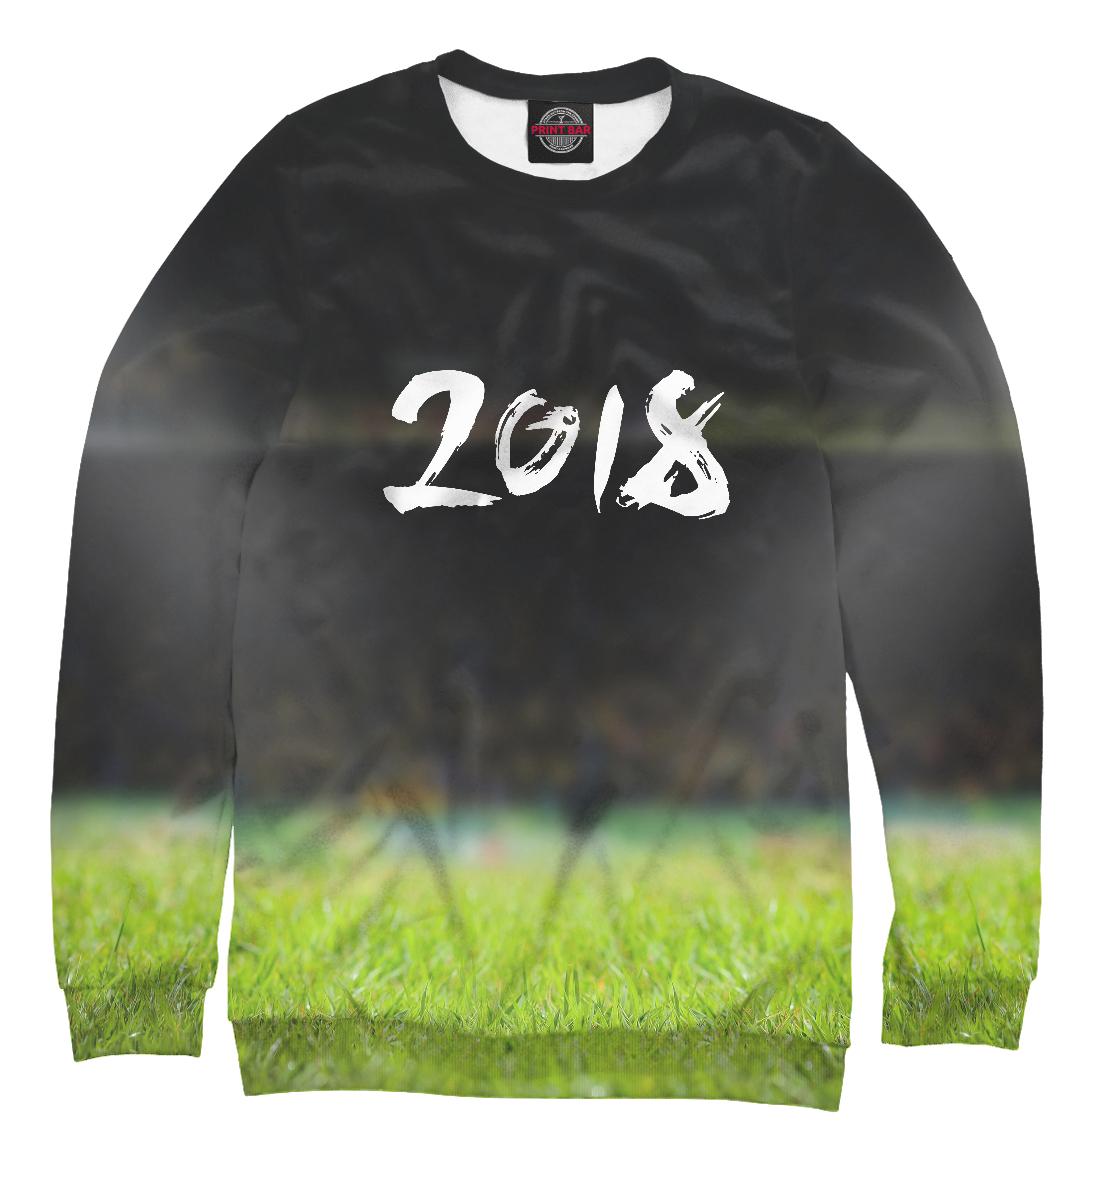 Купить 2018, Printbar, Свитшоты, RZN-885118-swi-2